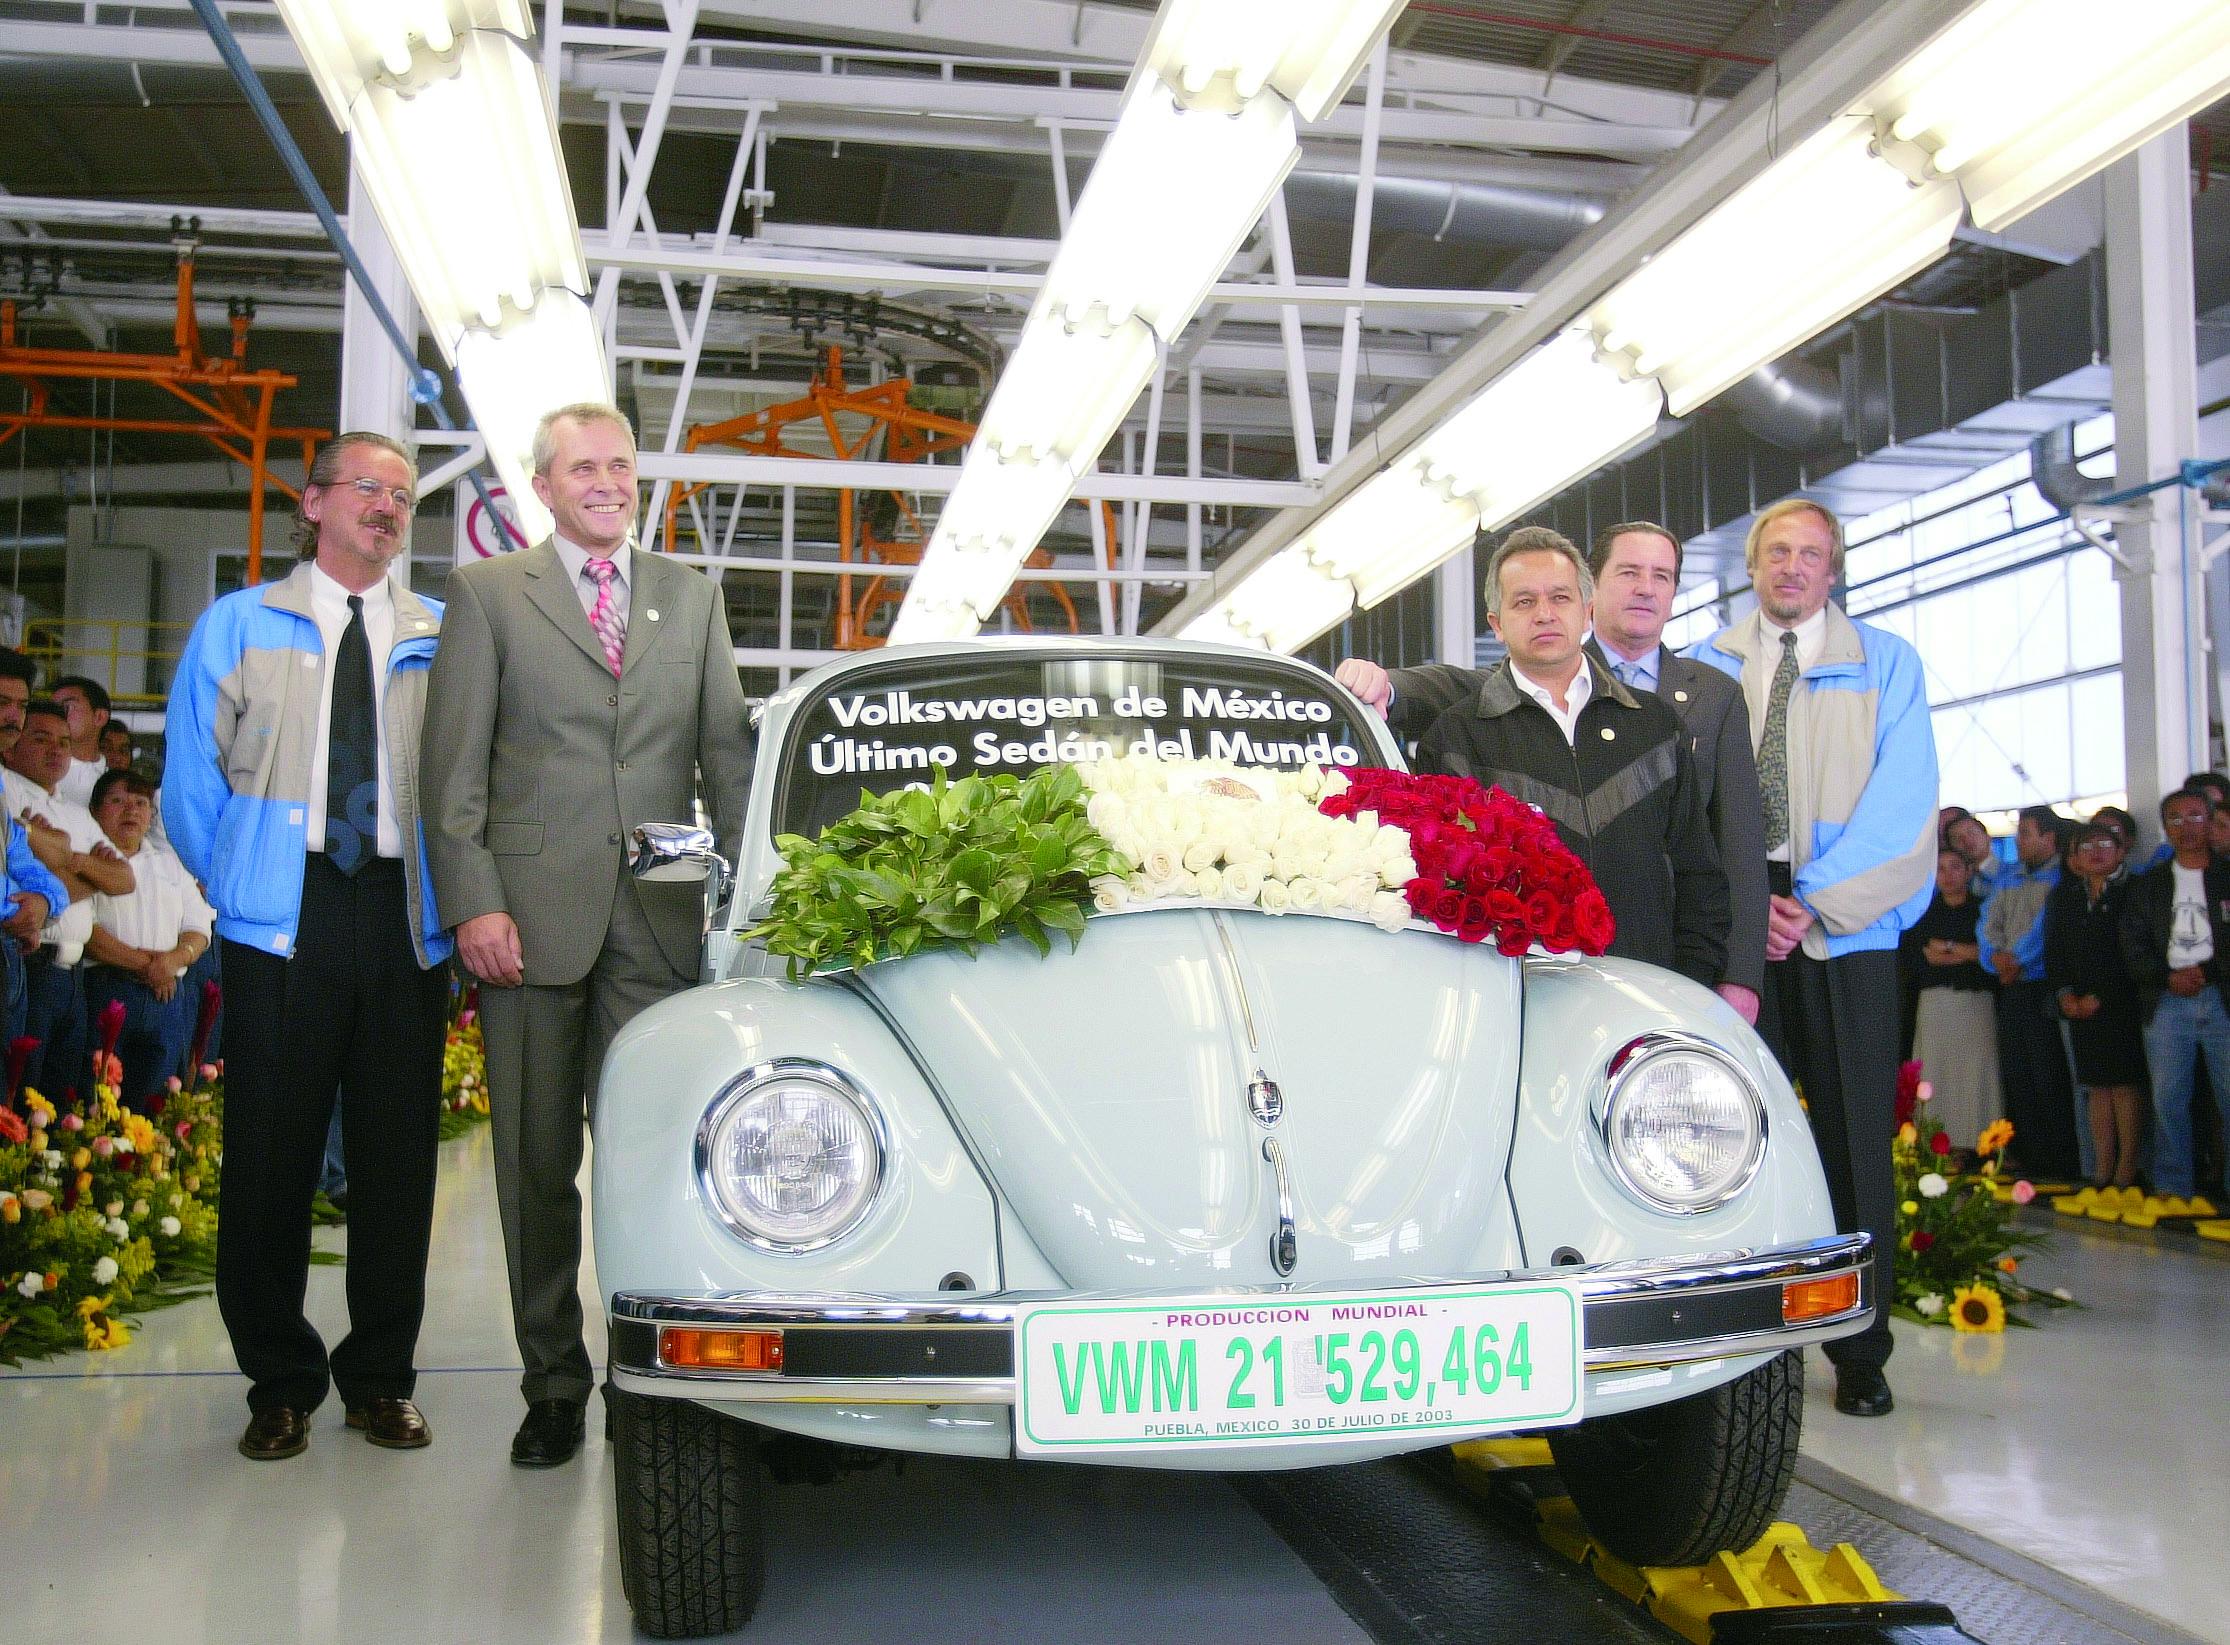 Der letzte Käfer wurde am 3. Juli 2003 im VW-Werk in Puebla in Mexiko produziert.